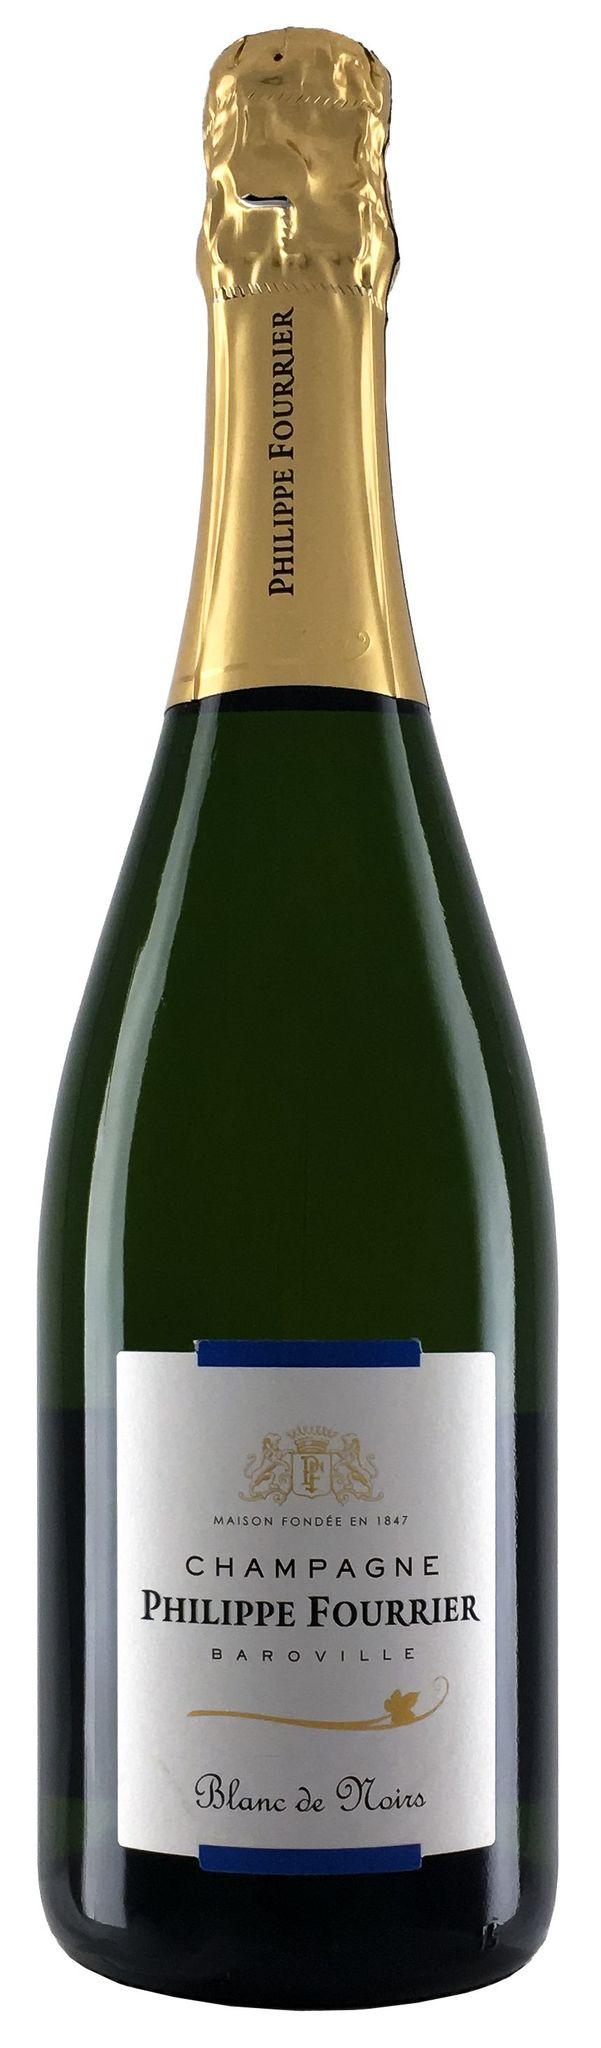 Philippe Fourrier Blanc de Noirs Champagne